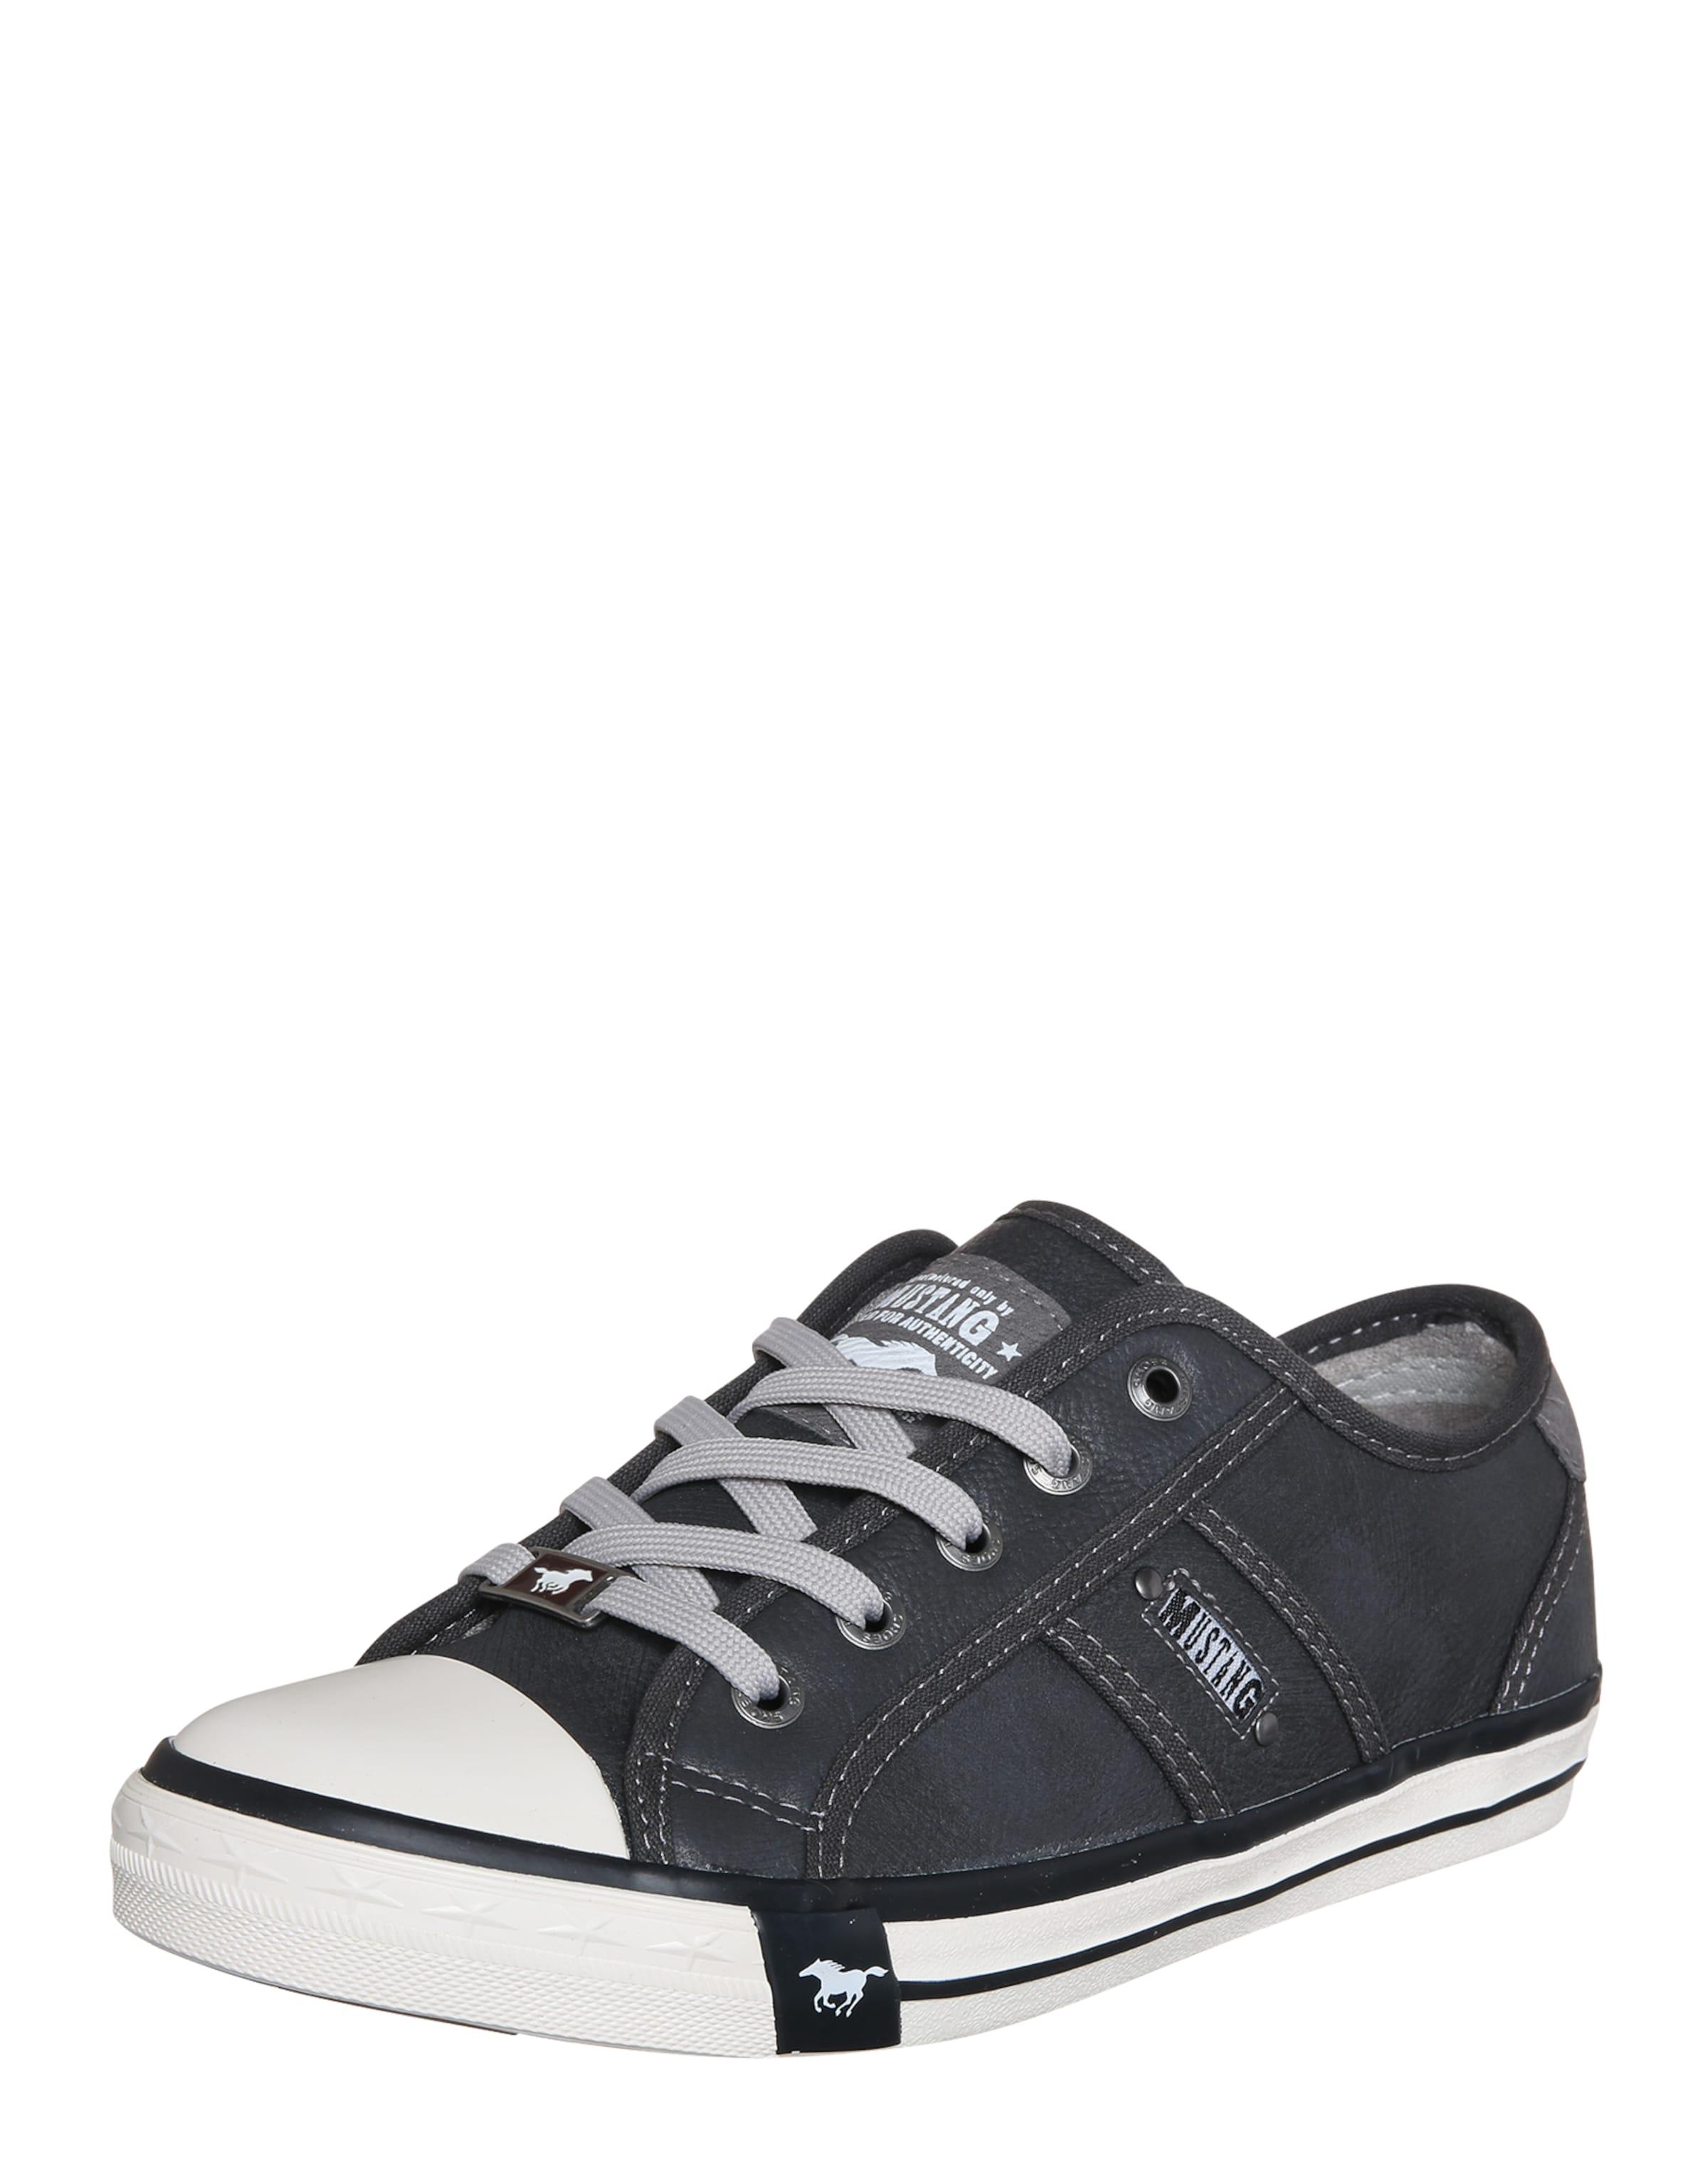 MUSTANG Sneaker Low Verschleißfeste billige Schuhe